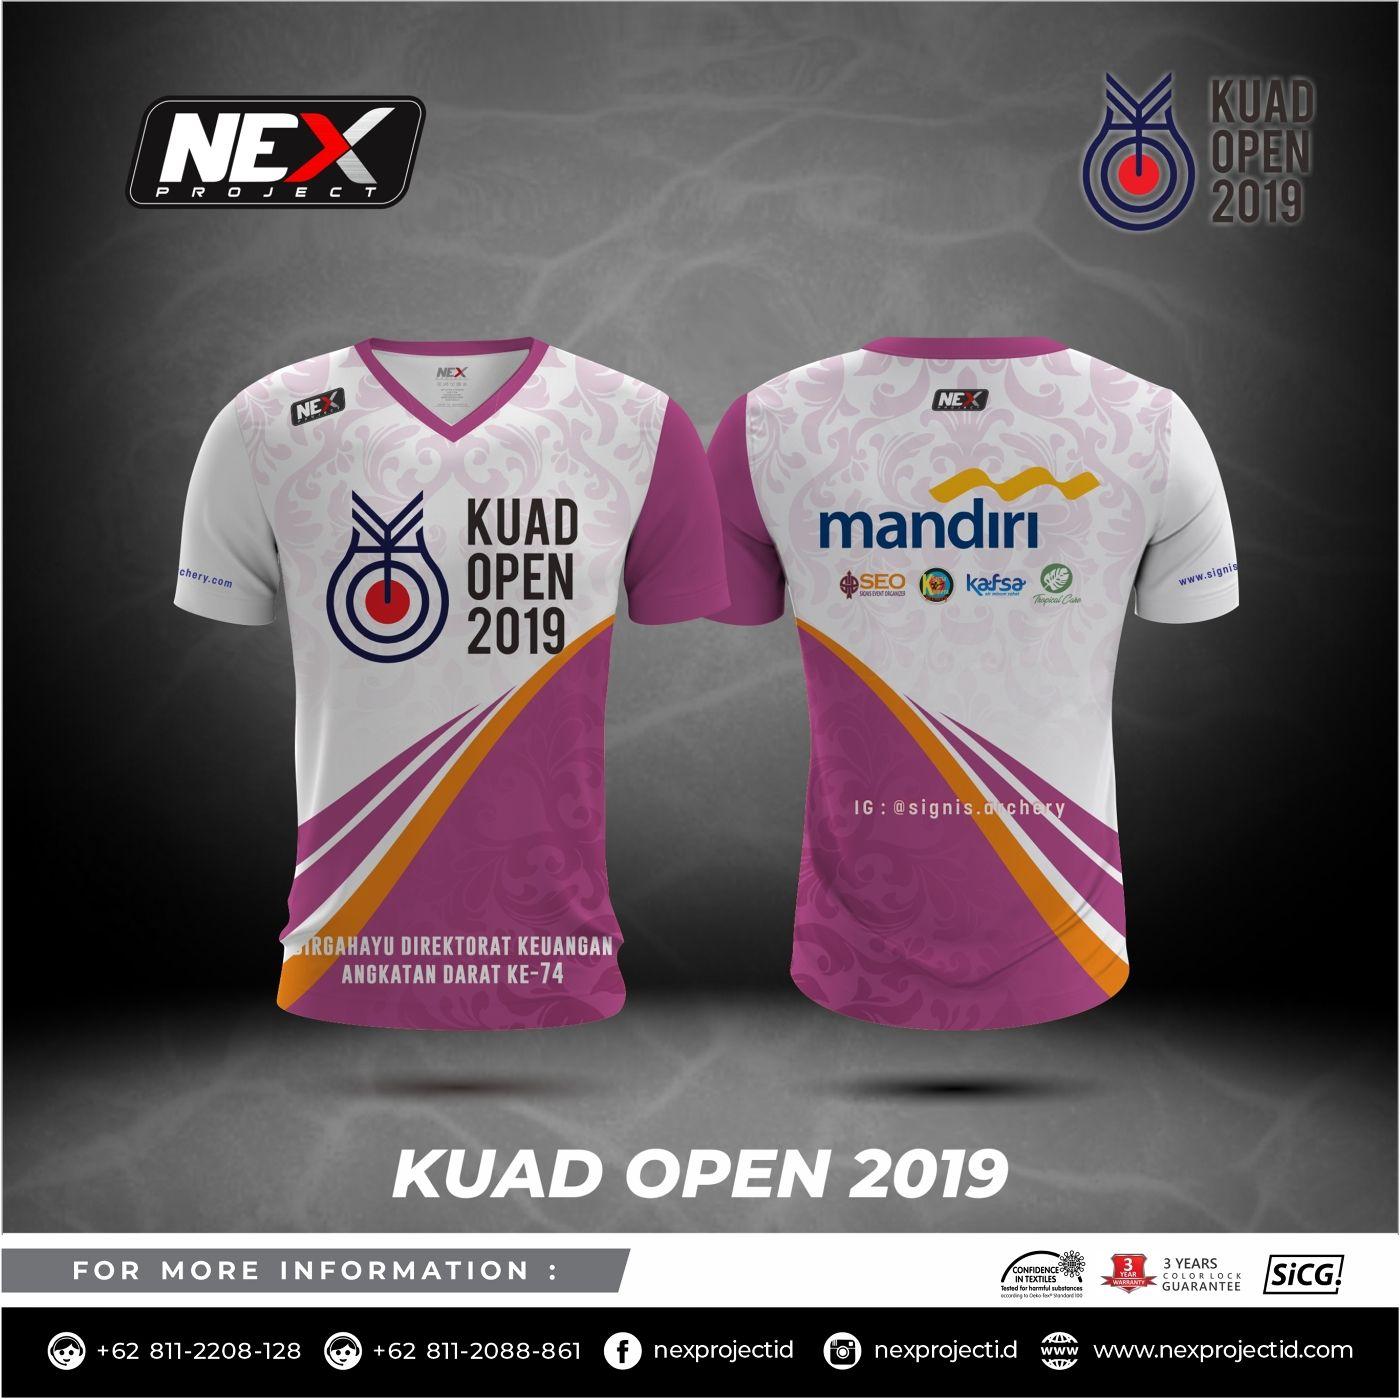 KUAD Open 2019 - 4